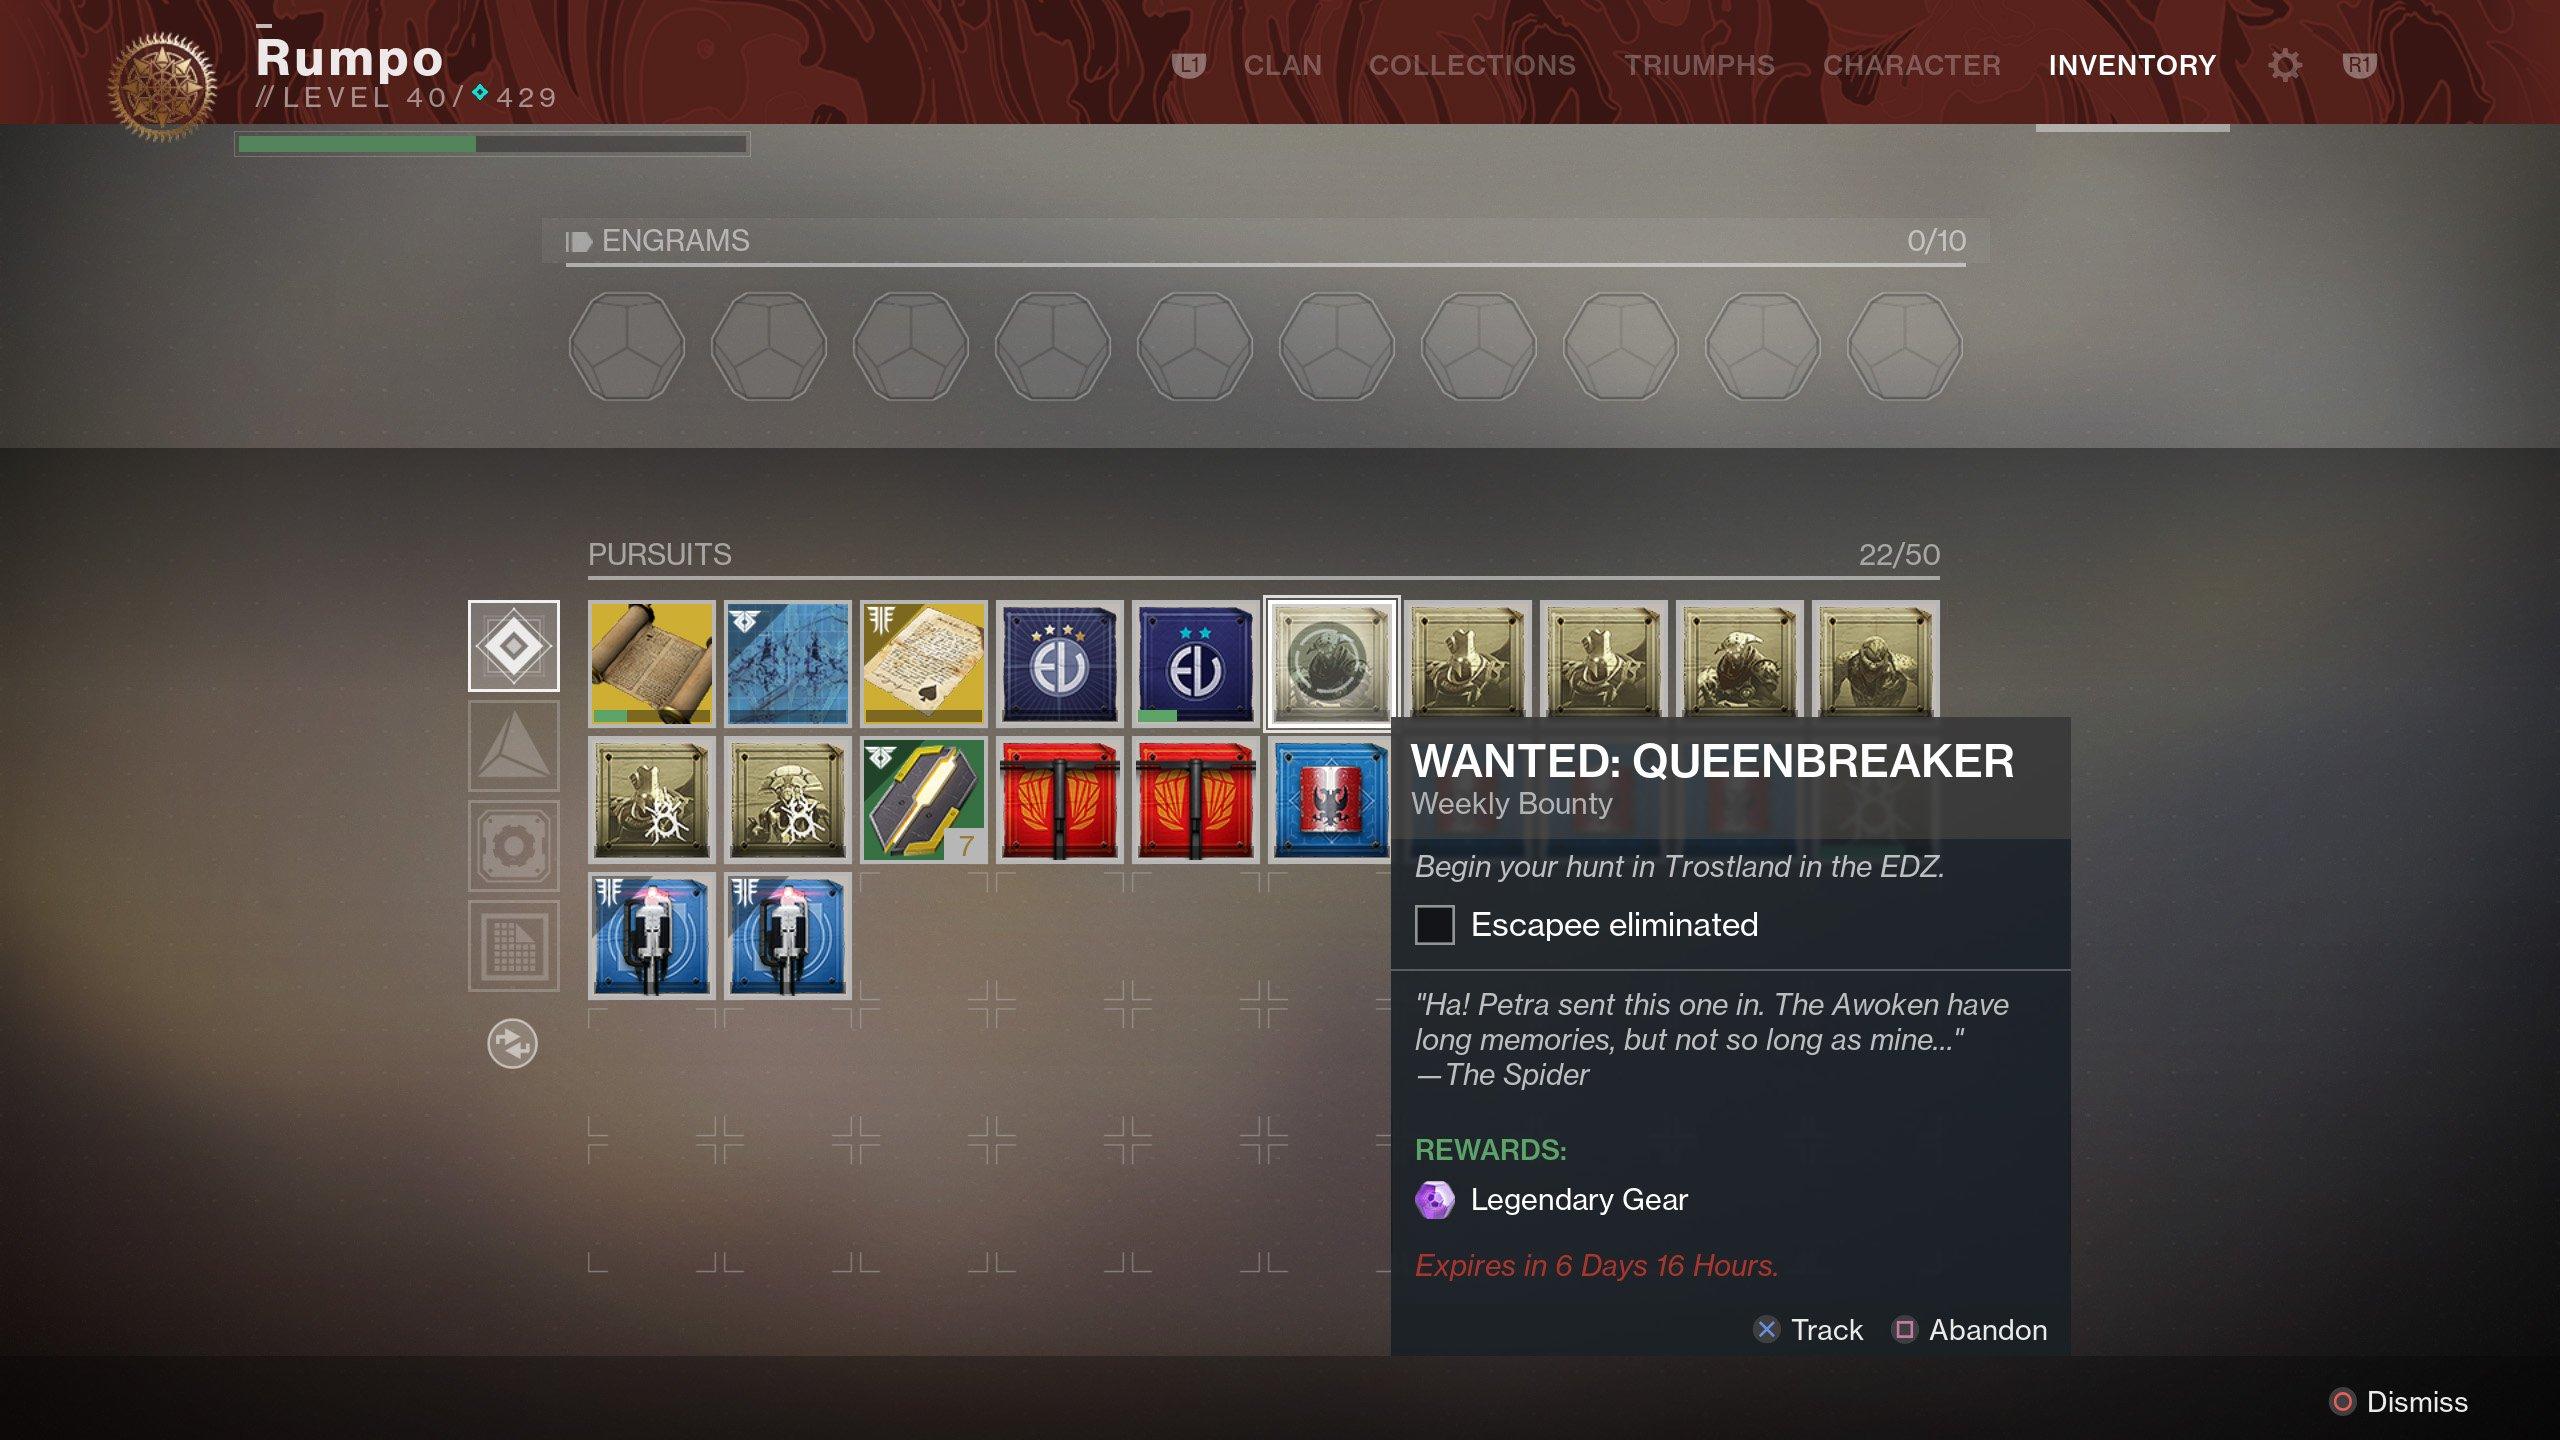 Wanted Queenbreaker Bounty Destiny 2